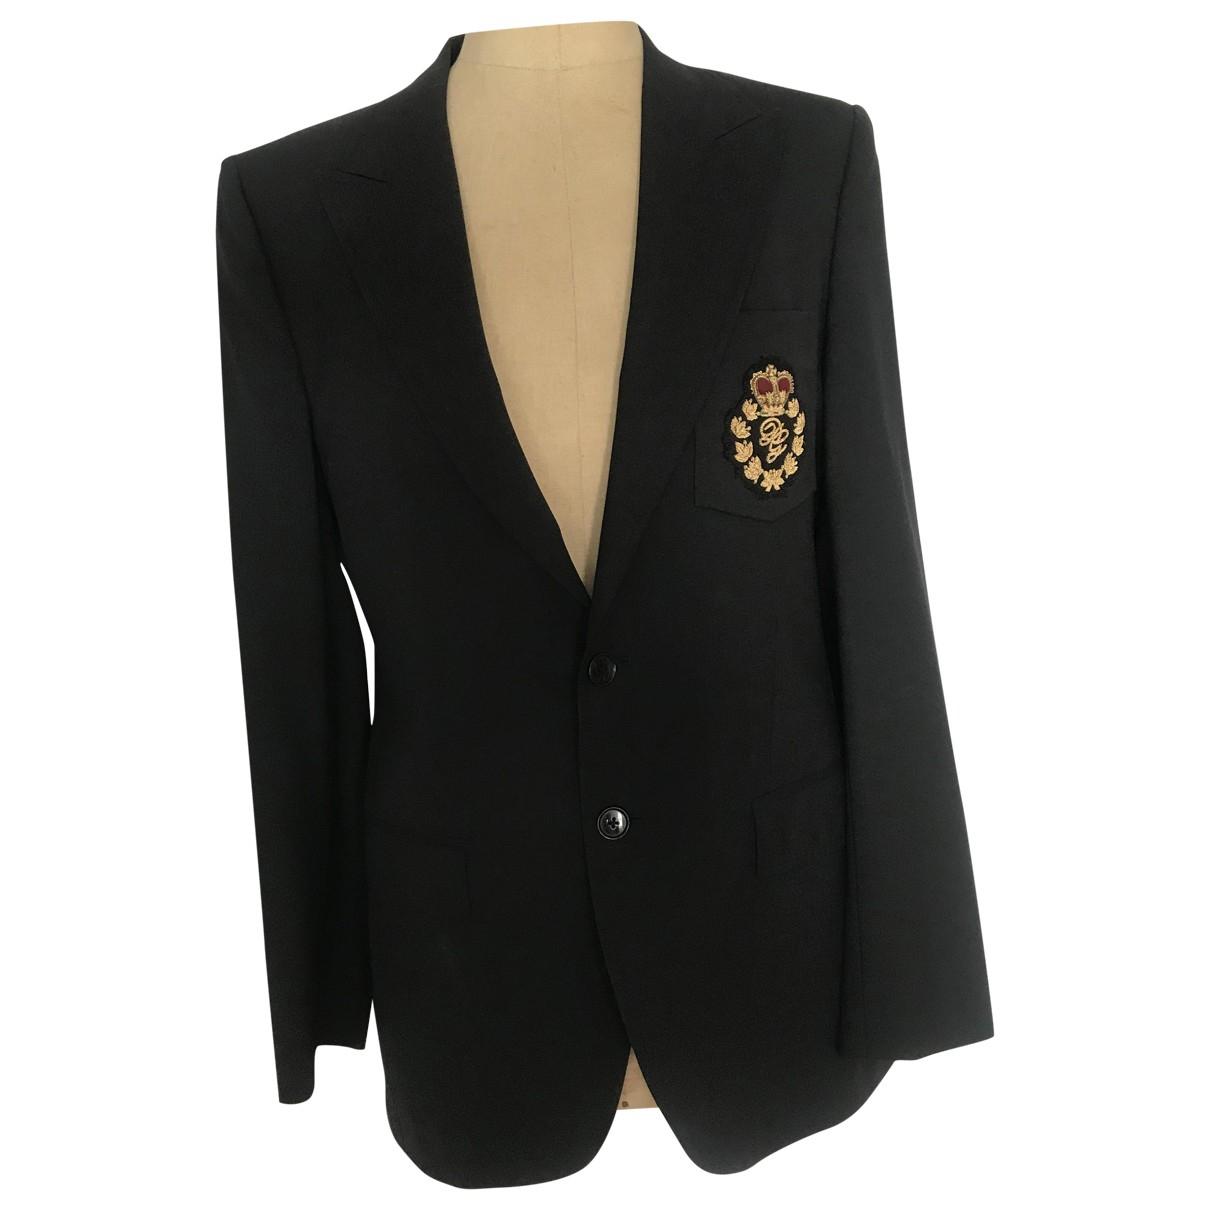 Dolce & Gabbana - Vestes.Blousons   pour homme en laine - noir